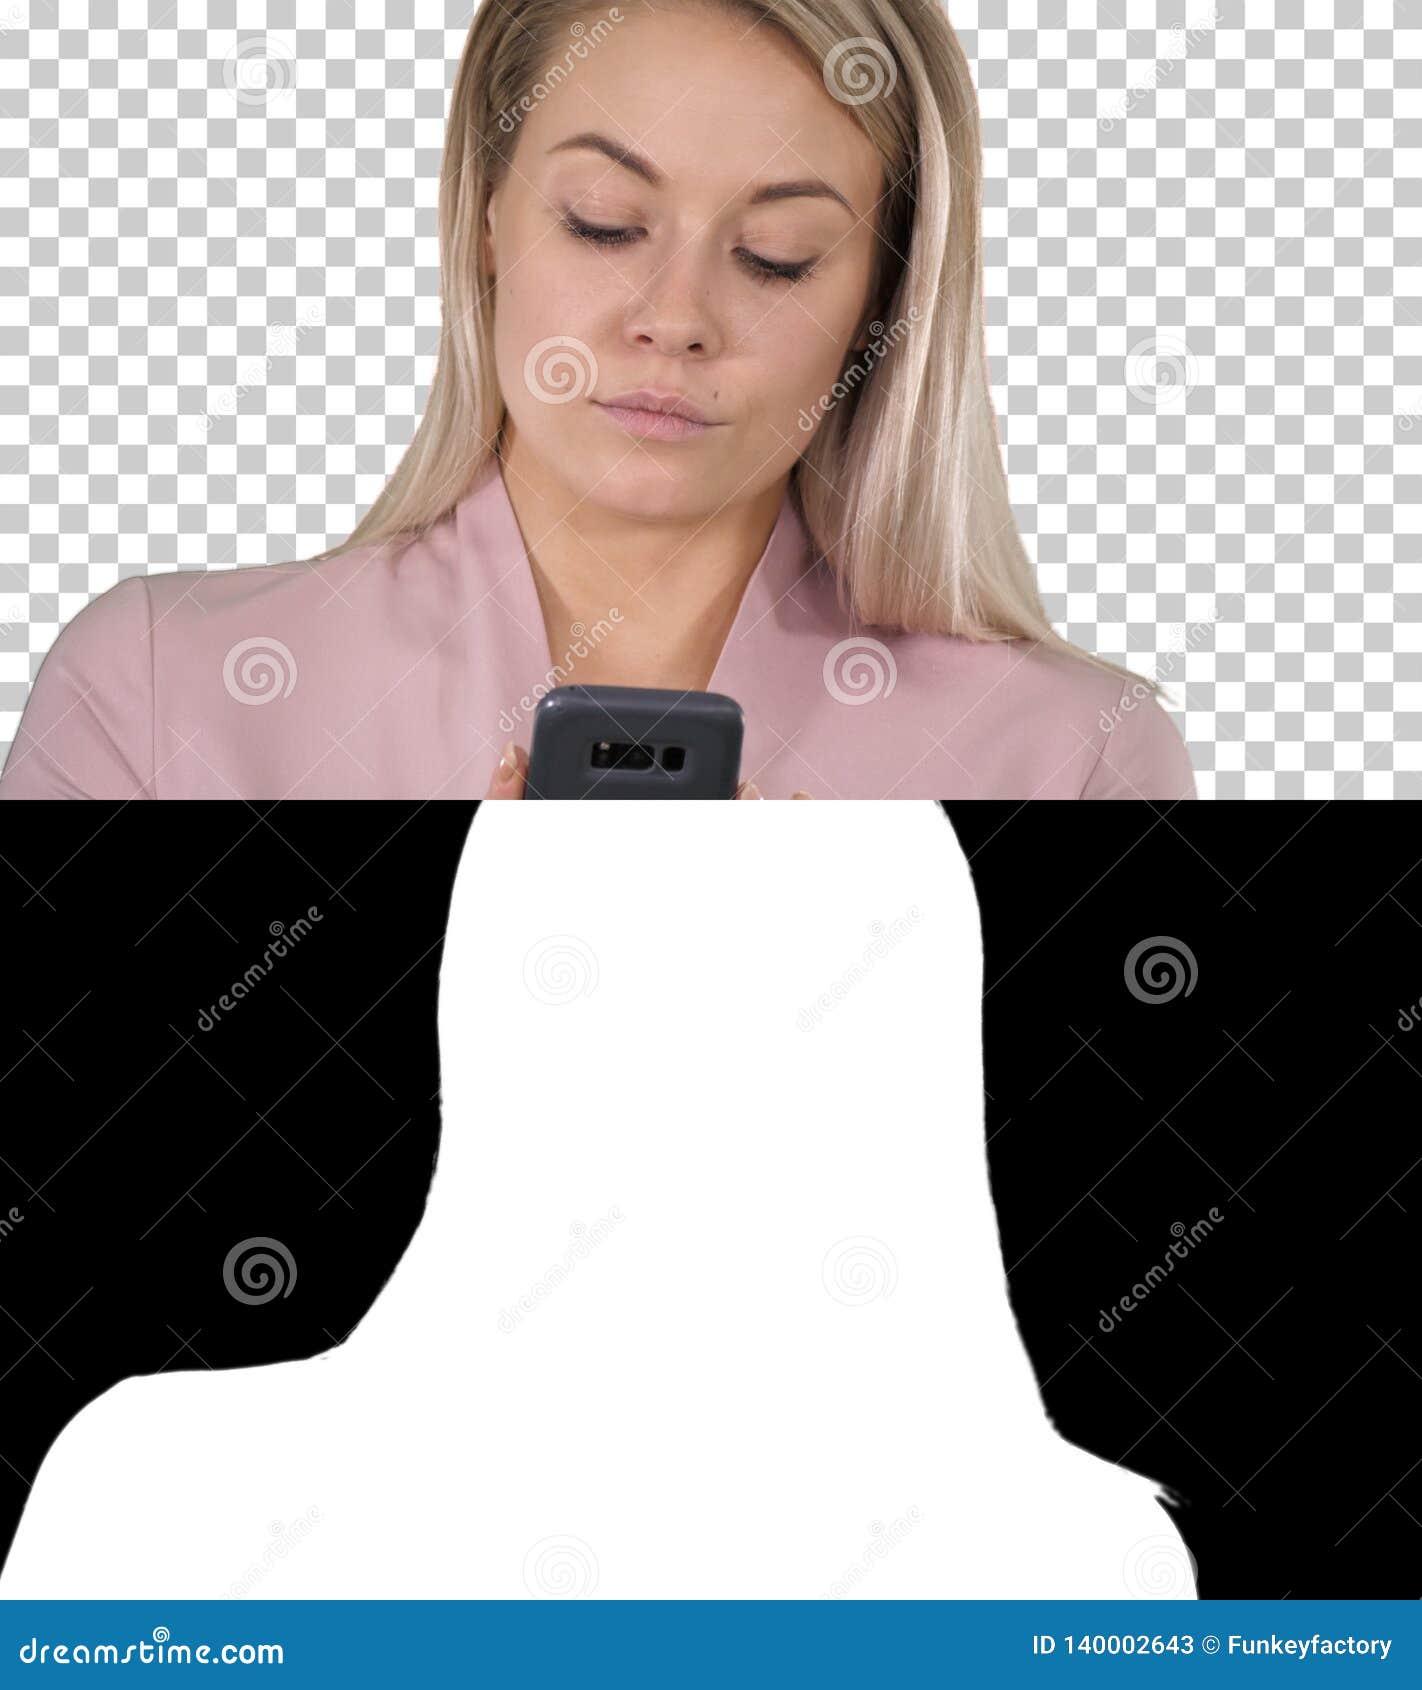 Καθιερώνουσα τη μόδα χαμογελώντας ξανθή γυναίκα που χρησιμοποιεί το κινητό τηλέφωνό της που χαμογελά δεδομένου ότι δακτυλογραφεί